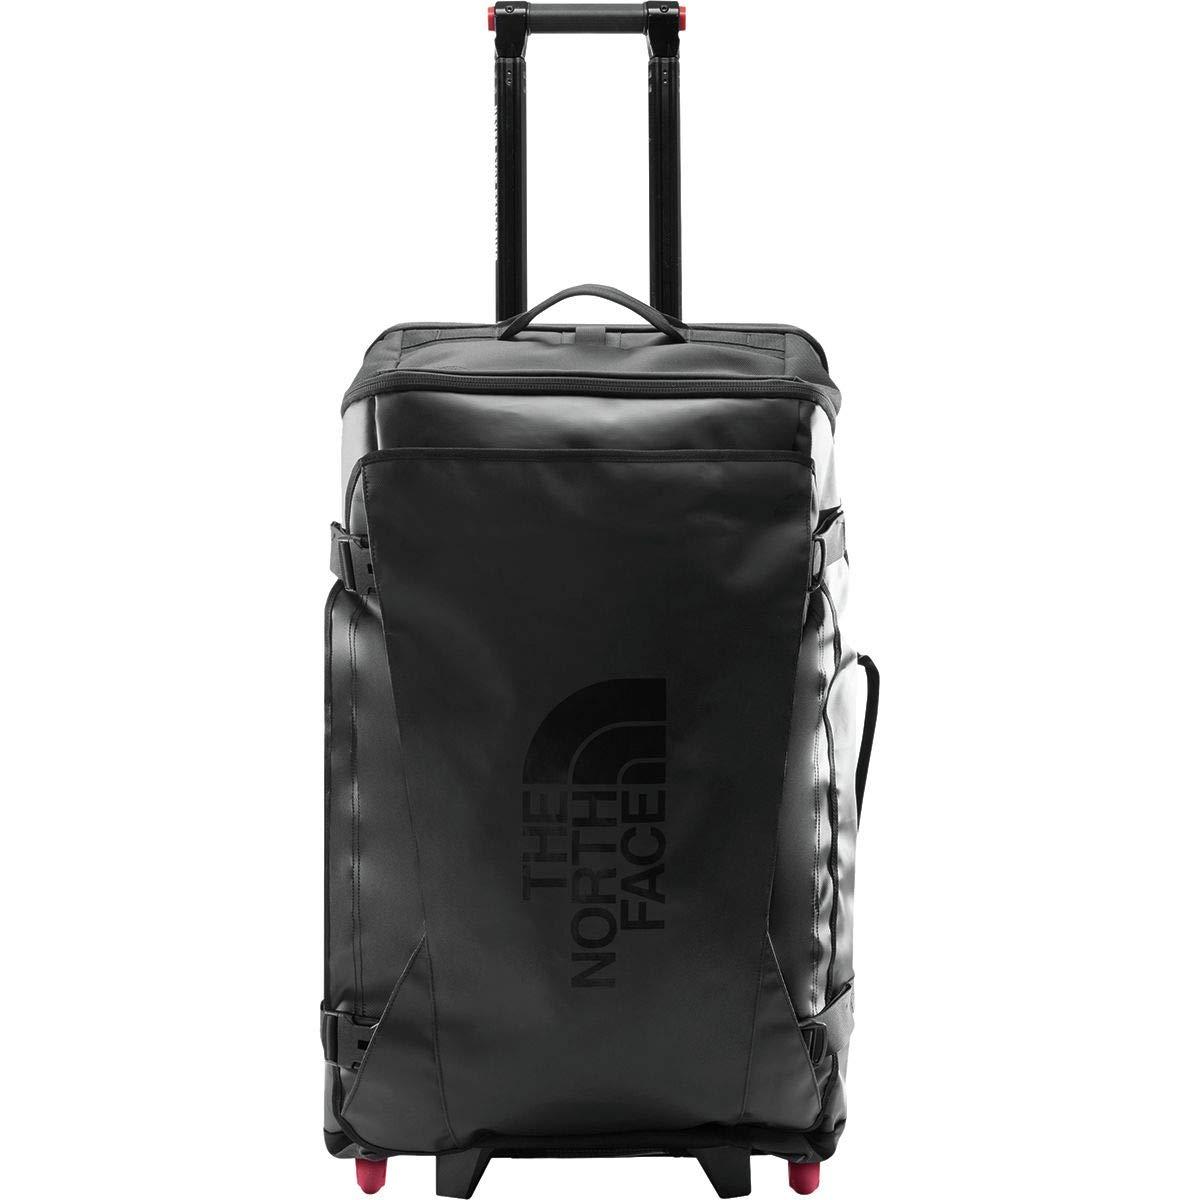 [ノースフェイス] レディース ボストンバッグ Rolling Thunder 30in Rolling Gear Bag [並行輸入品] No-Size  B07BWD53N9